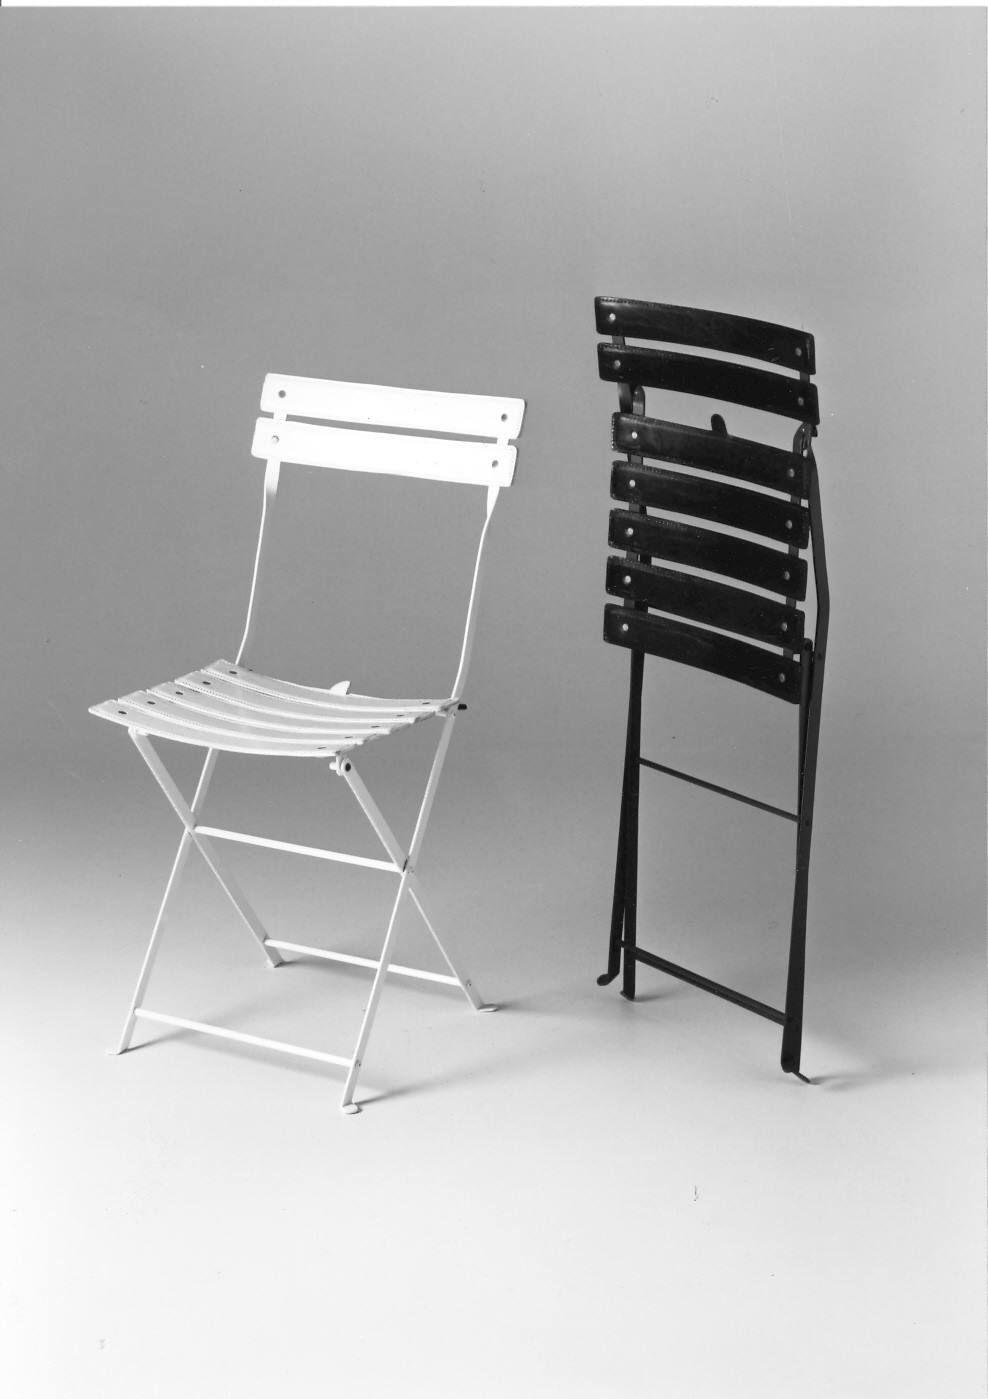 Sedia | Chair CELESTINA, Marco Zanuso 1978 Archivio storico ...